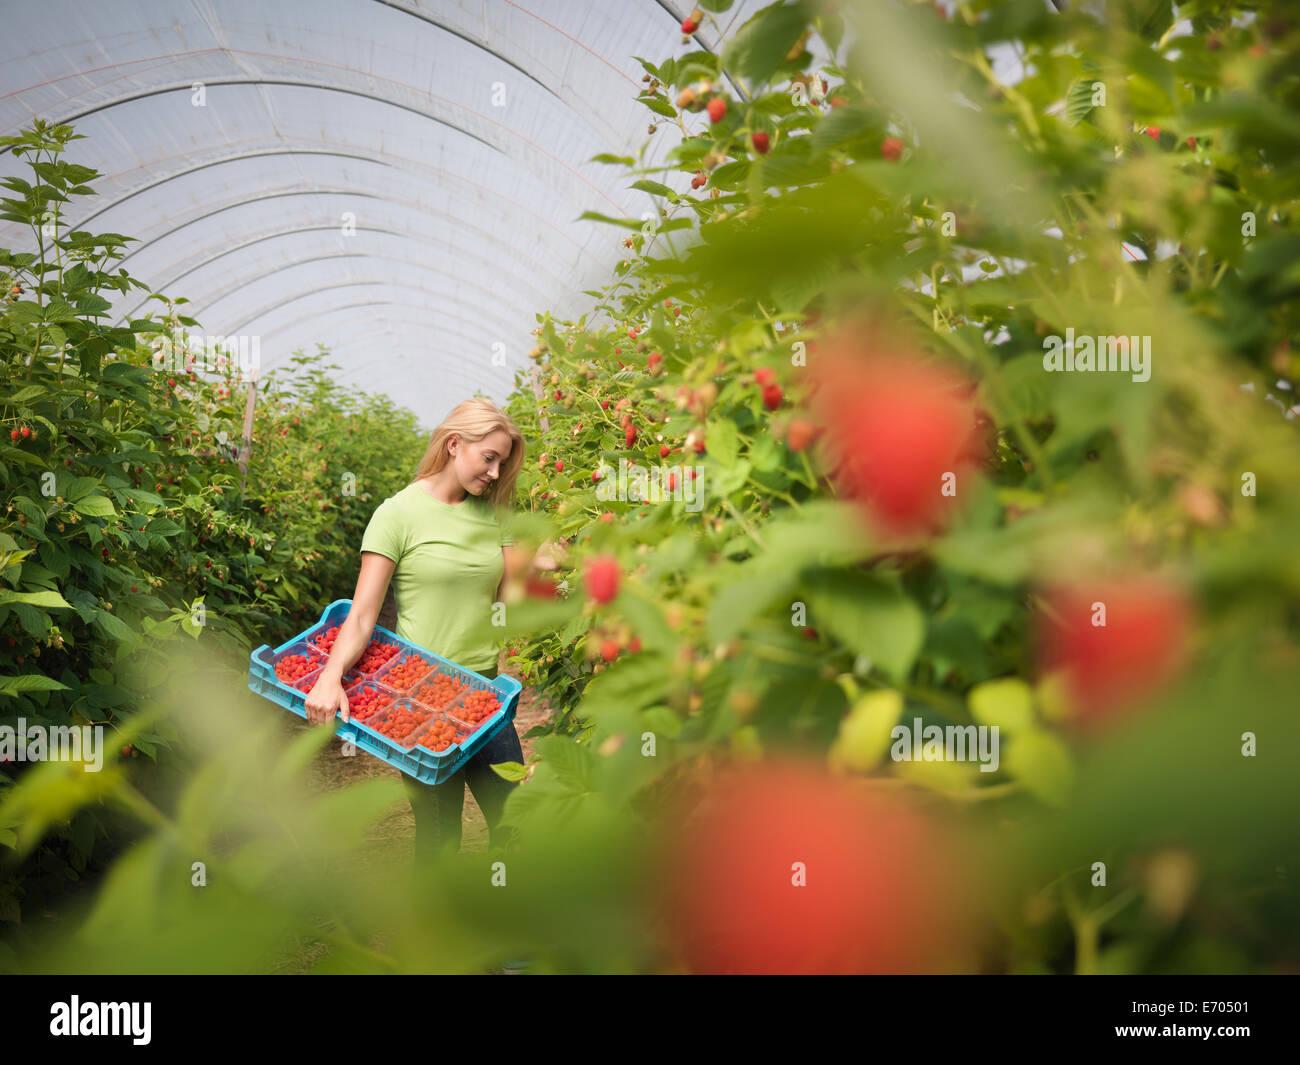 Cueillette de framboises au travailleur fruit farm Photo Stock